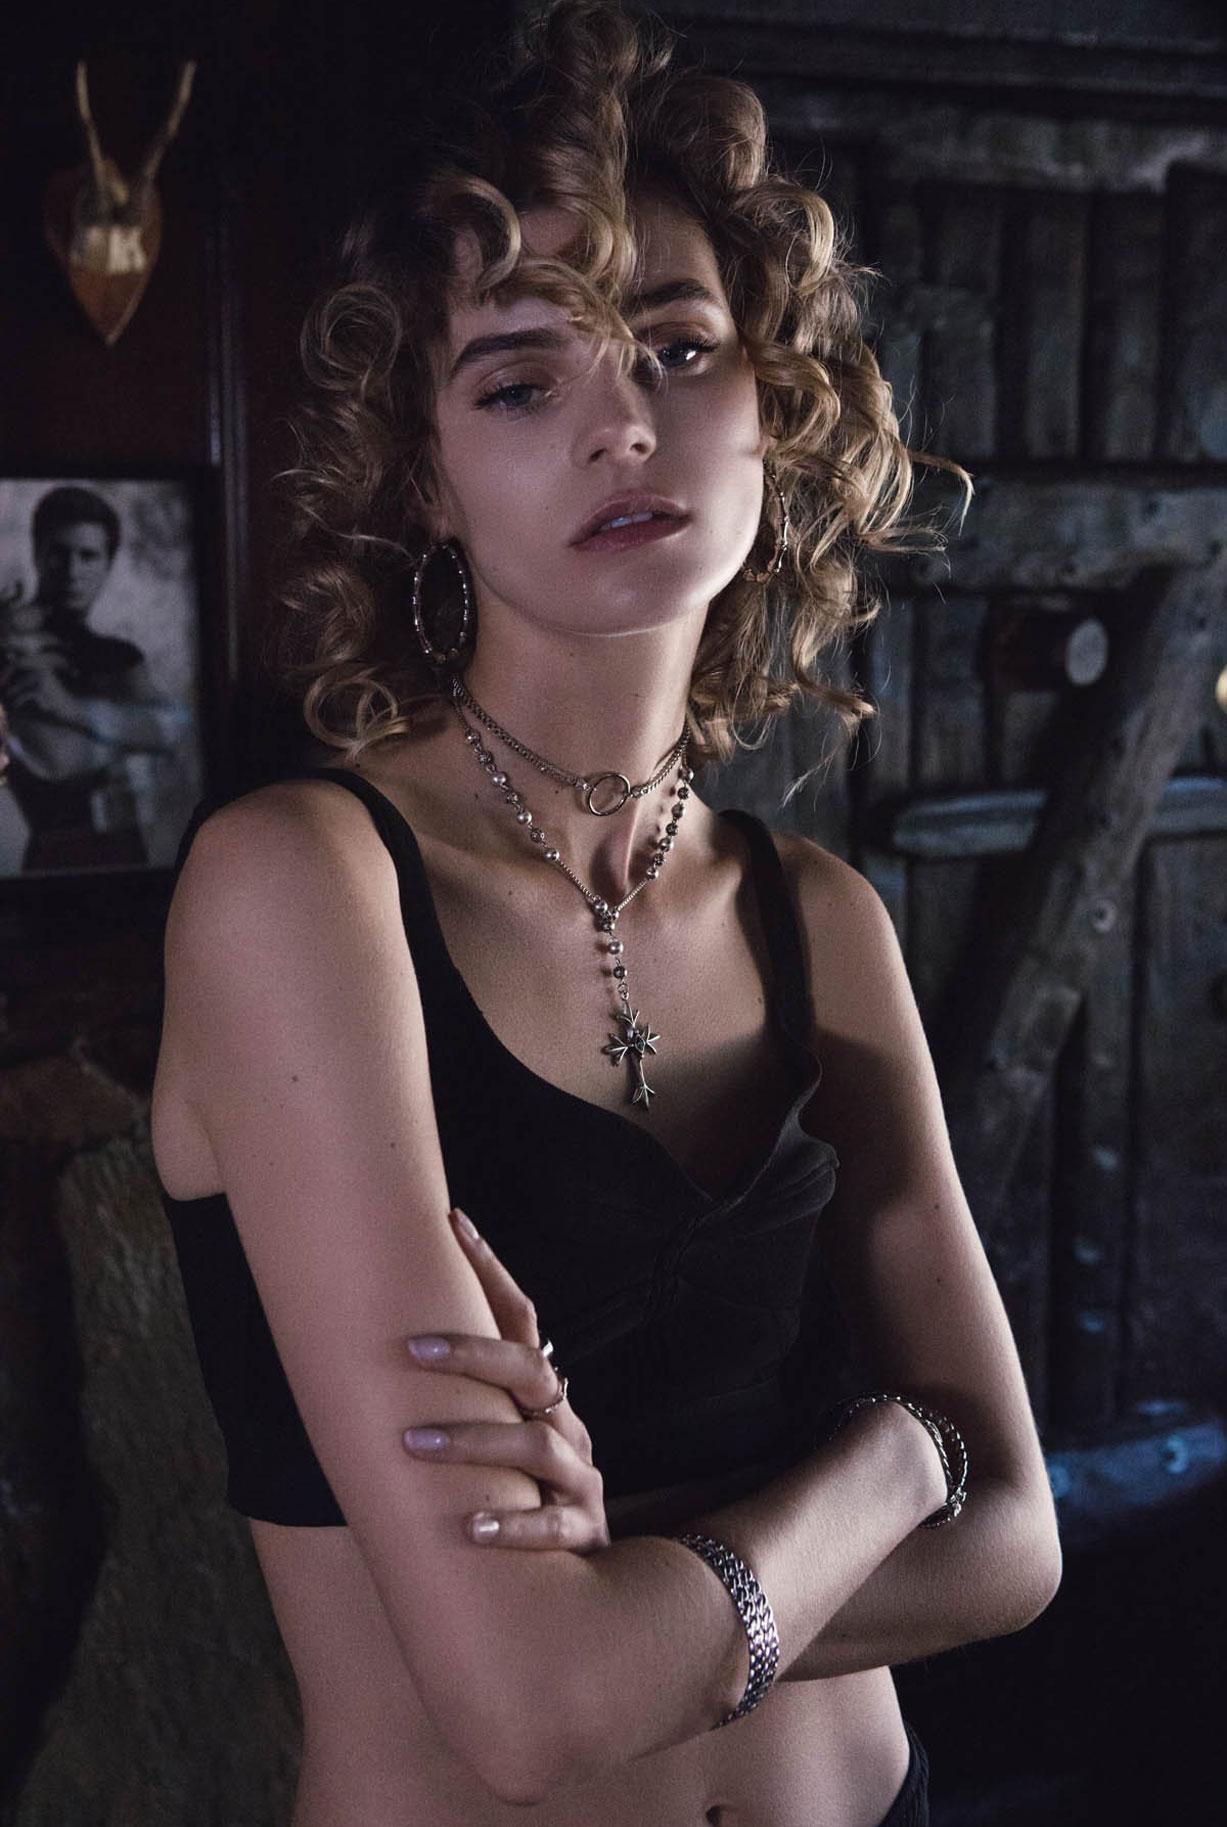 Жужу Иванюк в рекламной кампании одежды и драгоценностей модного бренда Vanessa Mooney / фото 19